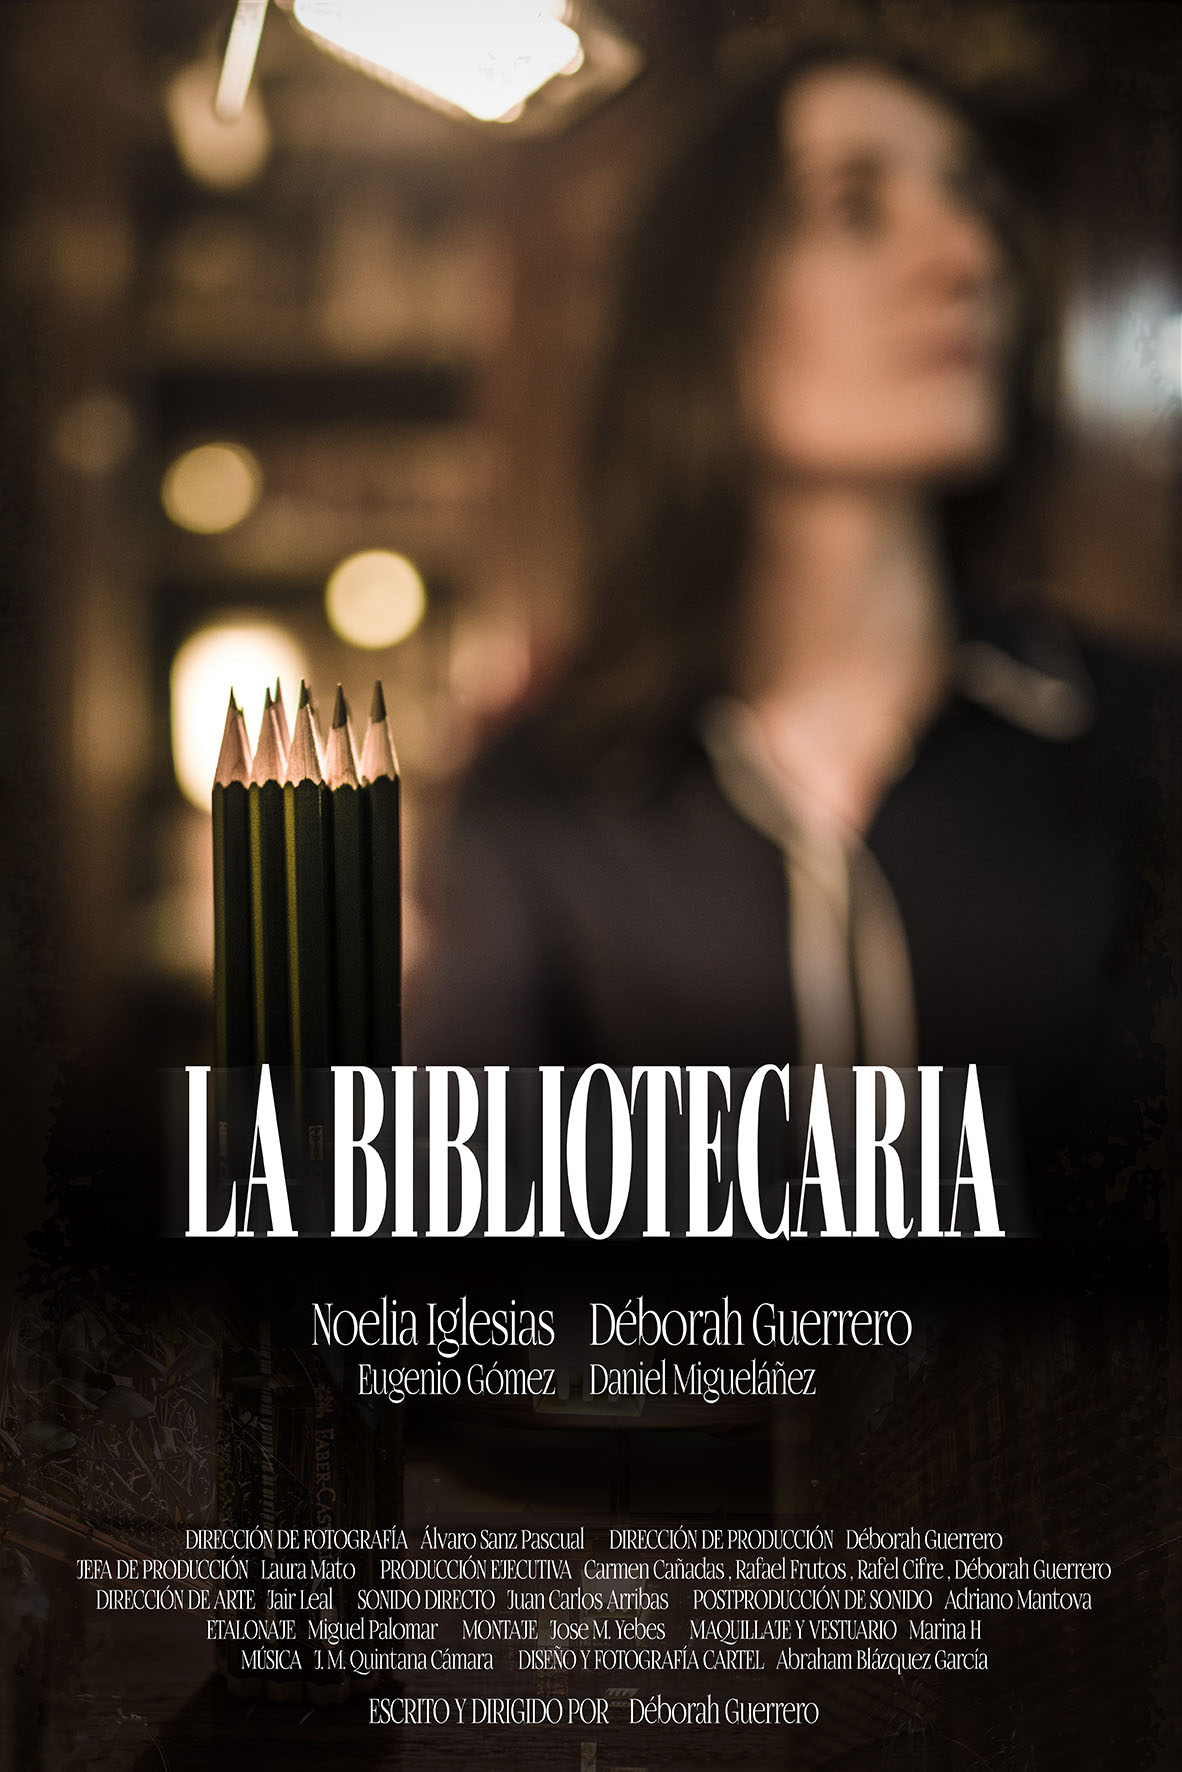 La bibliotecaria